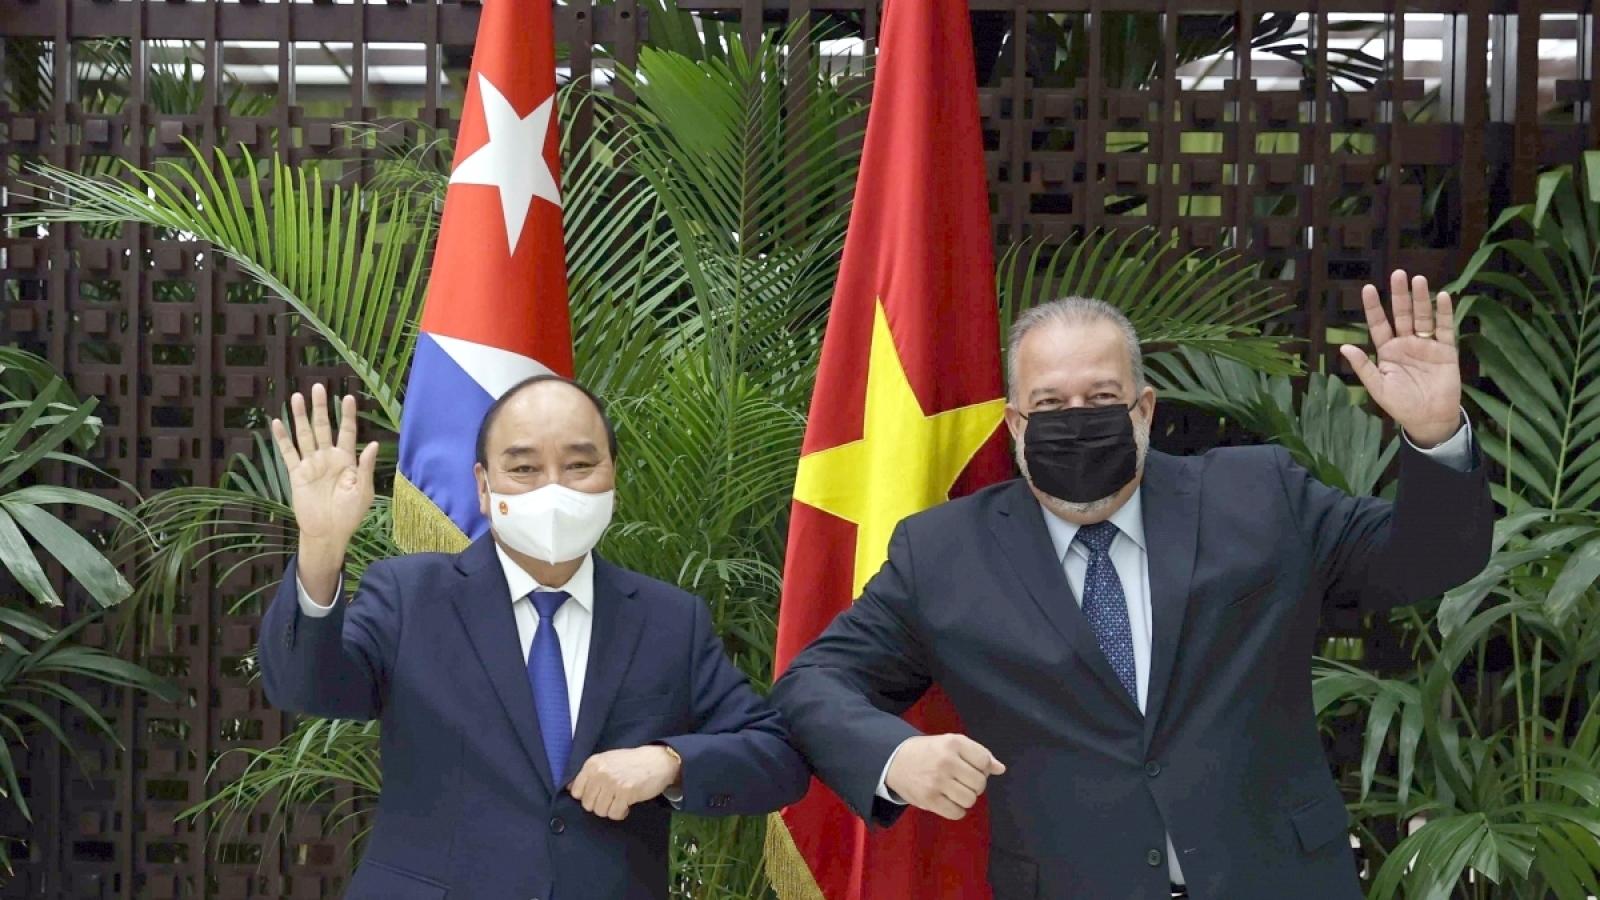 Chủ tịch nước thúc đẩy các doanh nghiệp Việt Nam tăng cường đầu tư vào Cuba